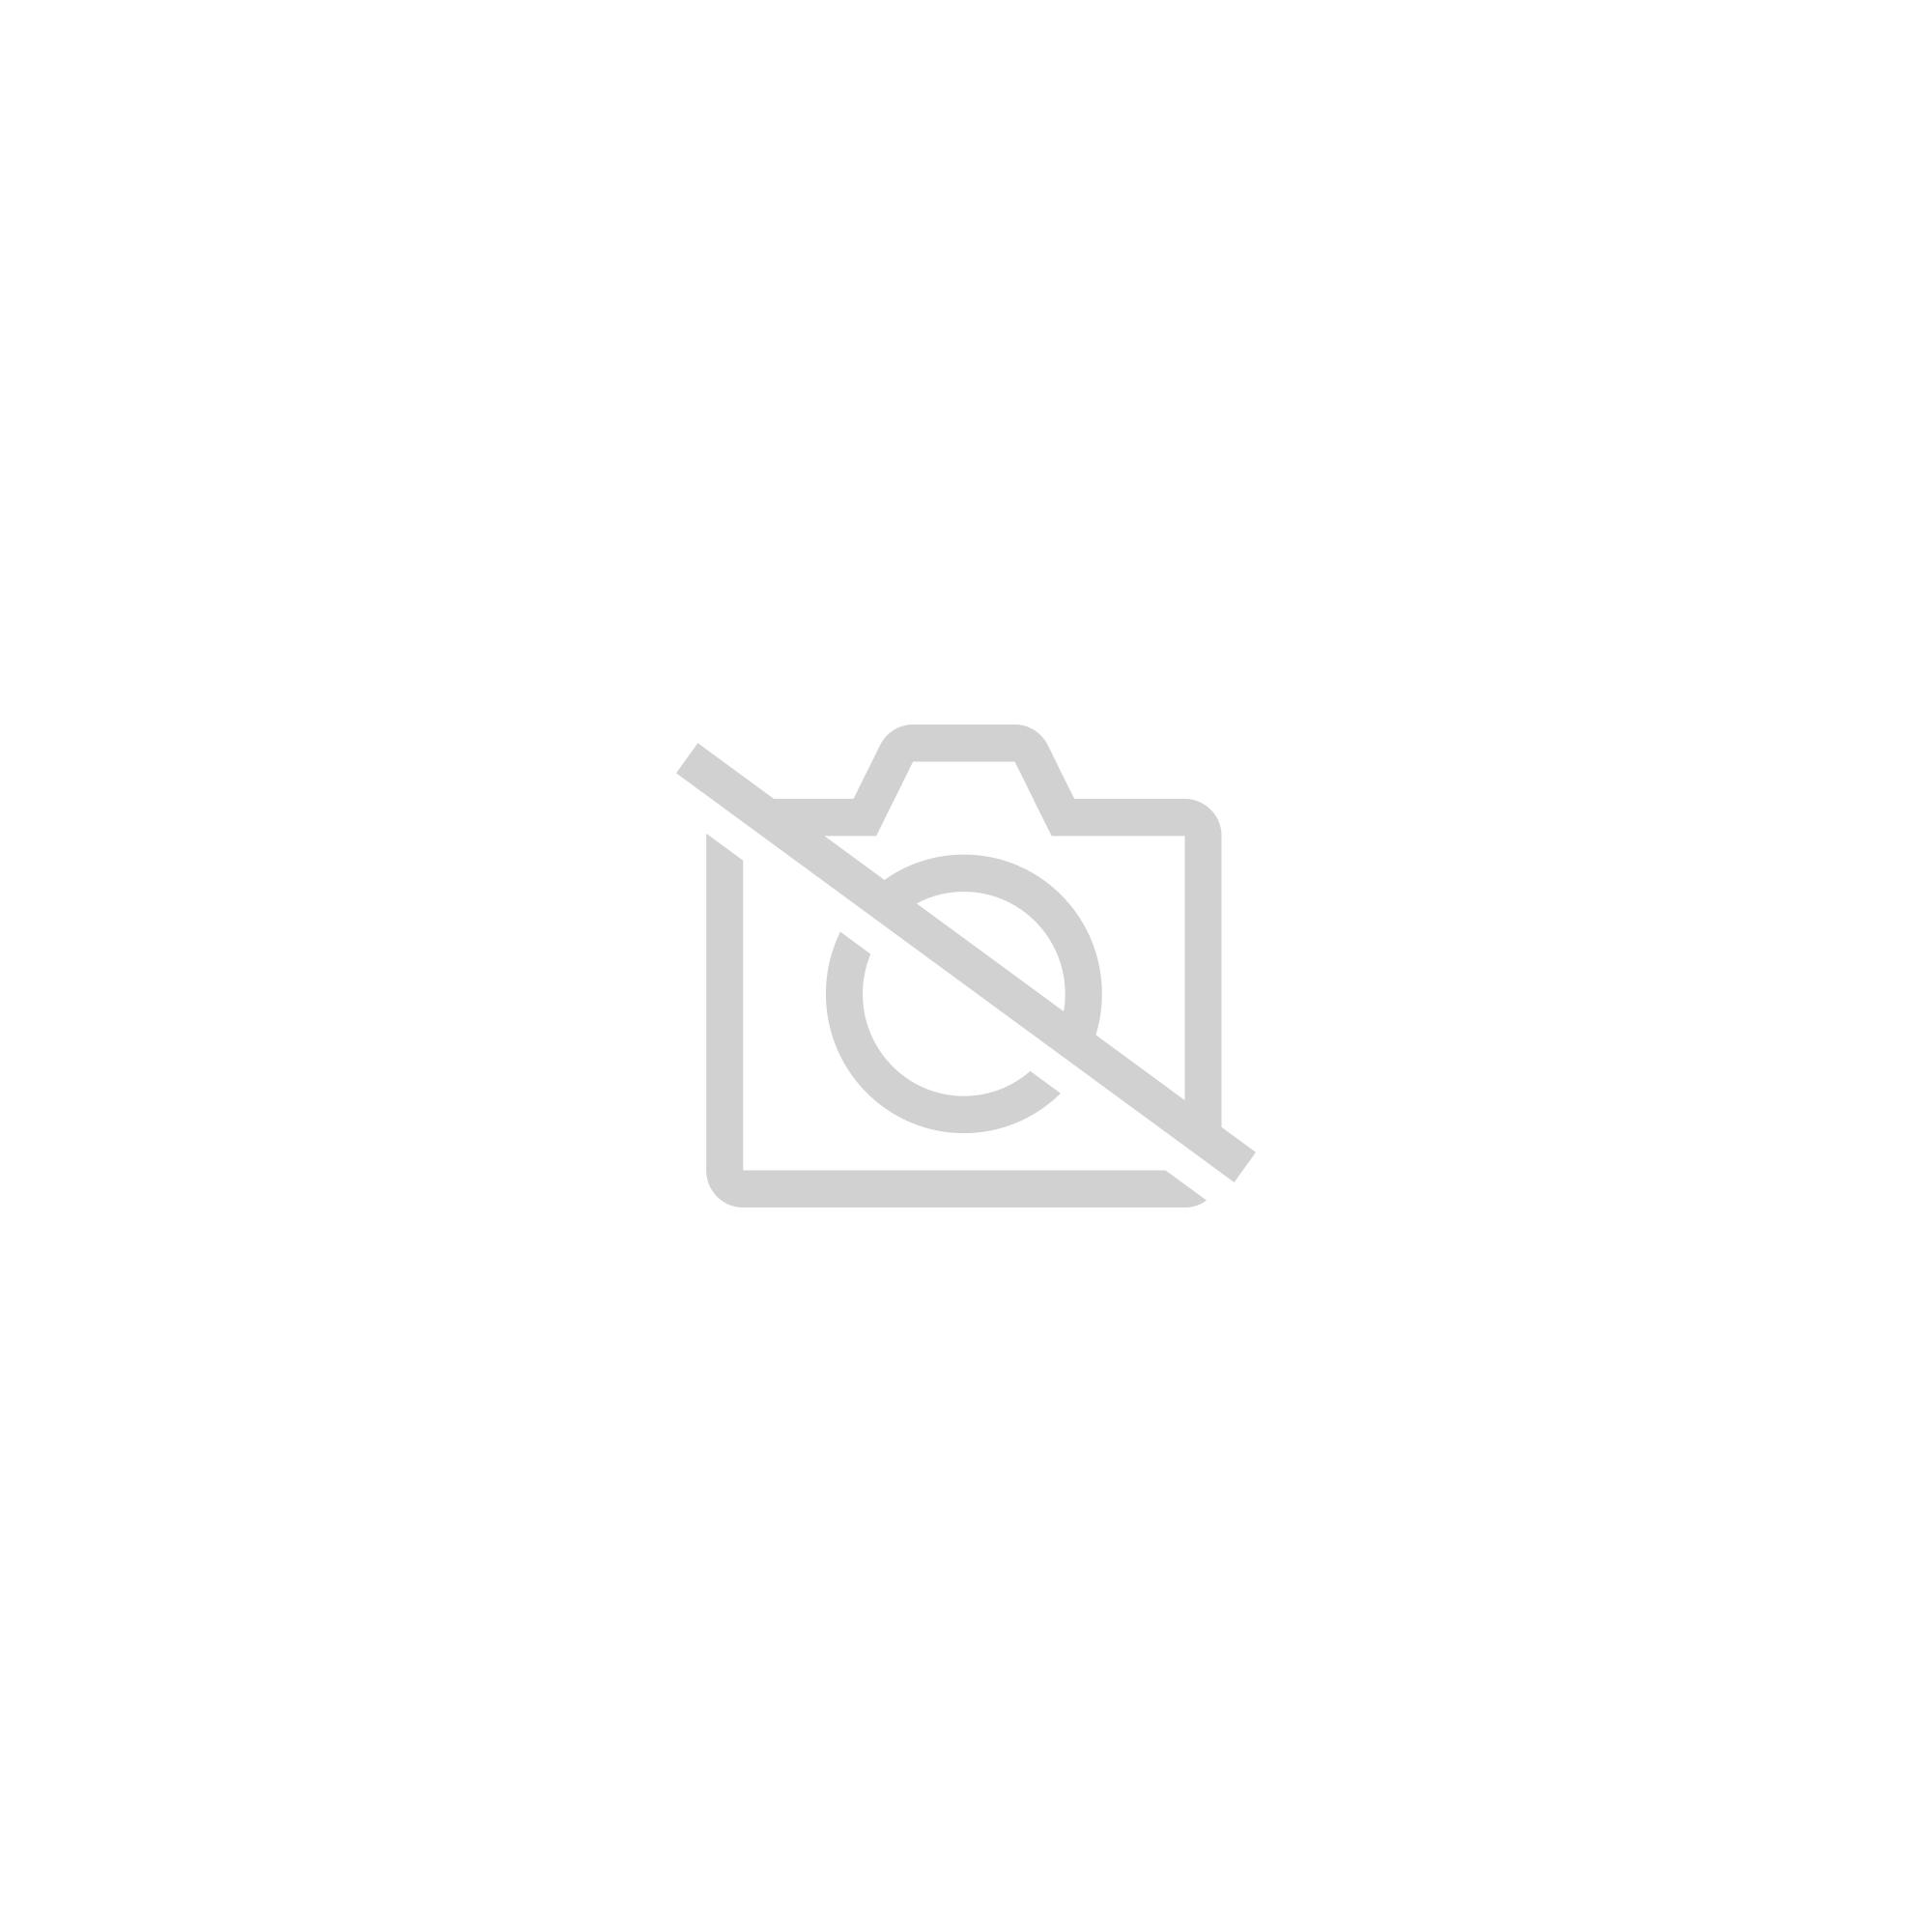 Oraux X-ENS 2e série Volume 1 - Algèbre générale